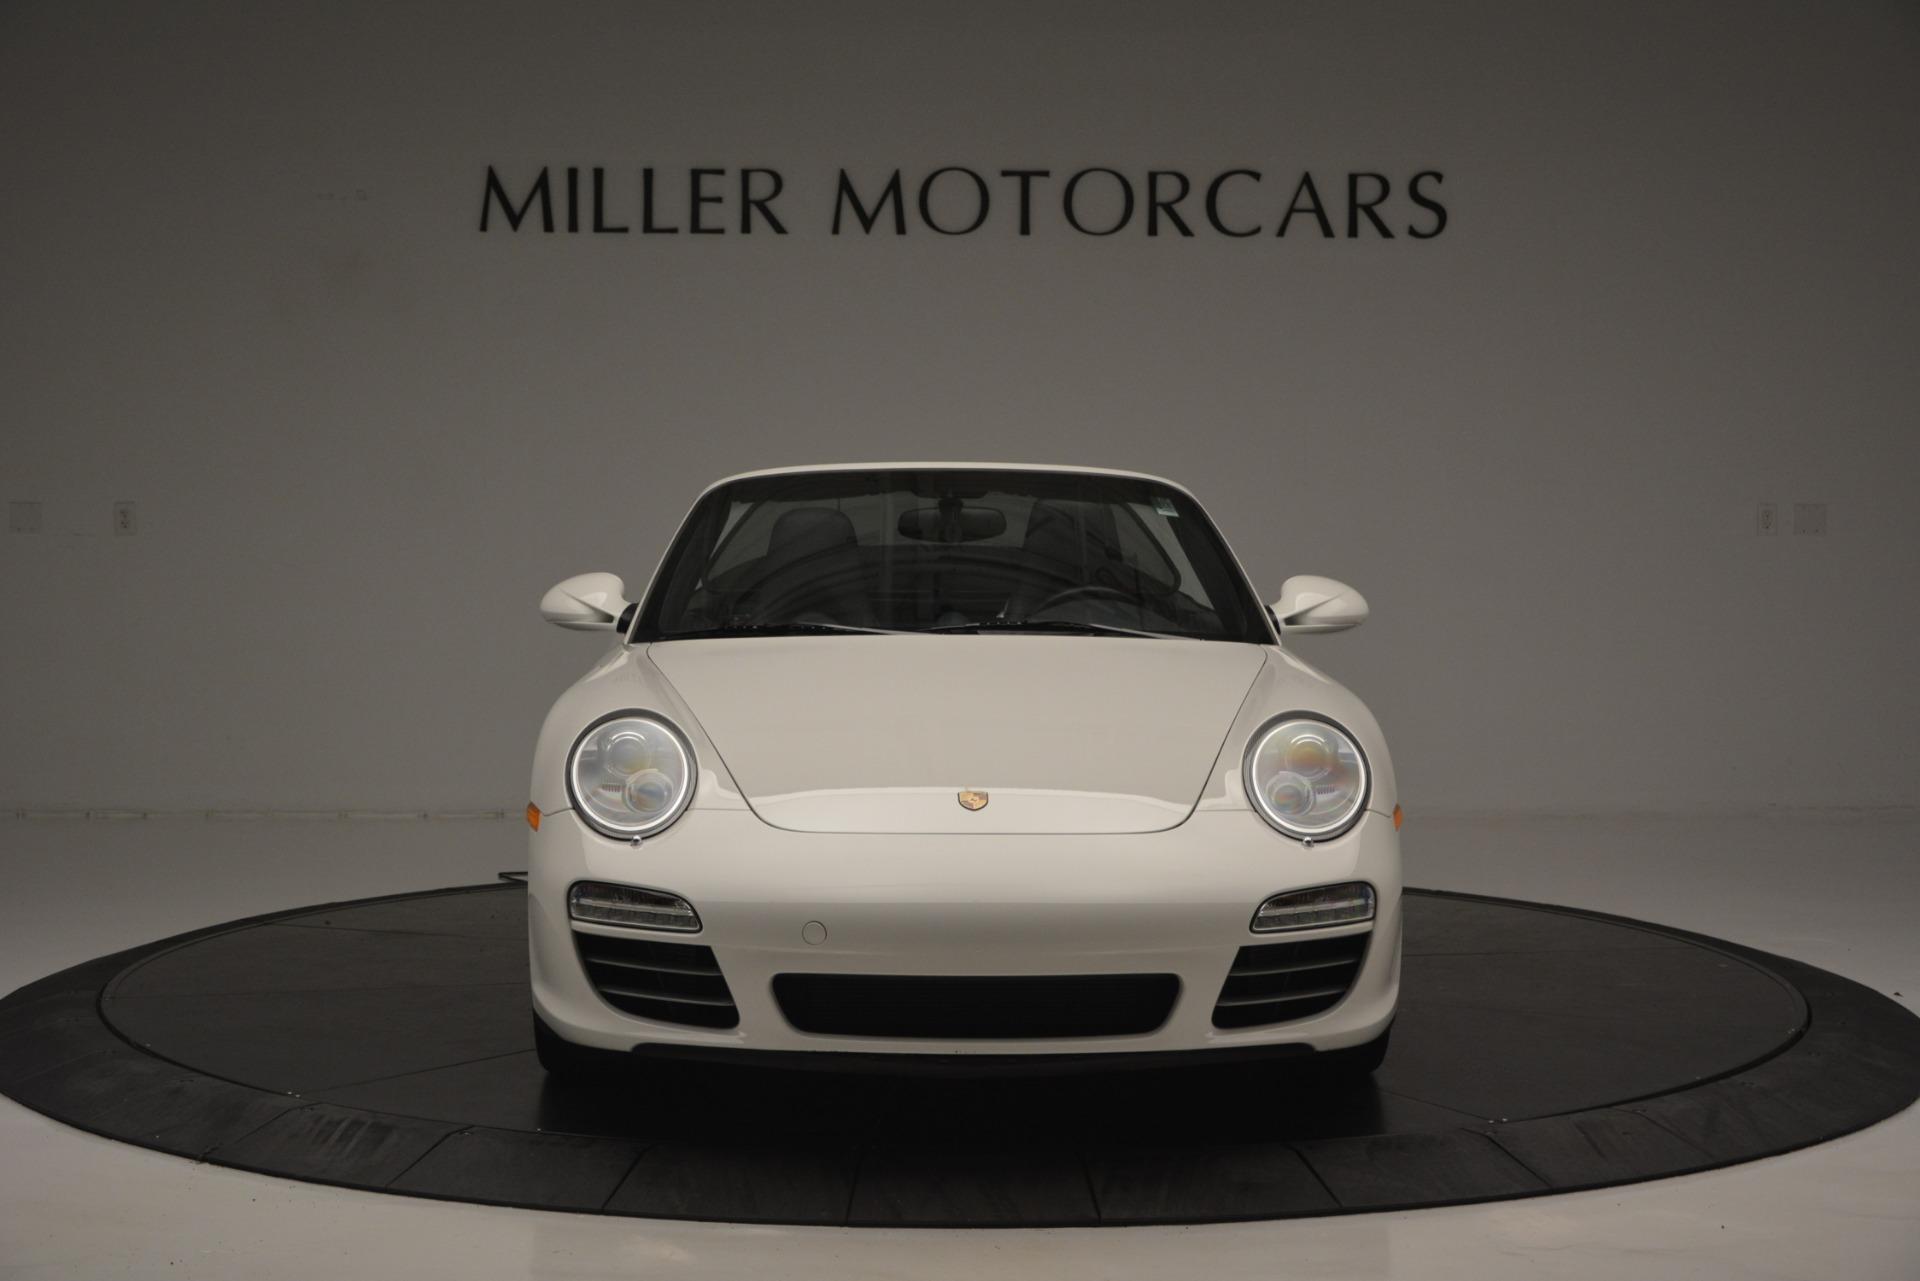 Used 2011 Porsche 911 Carrera 4S For Sale In Westport, CT 2600_p7